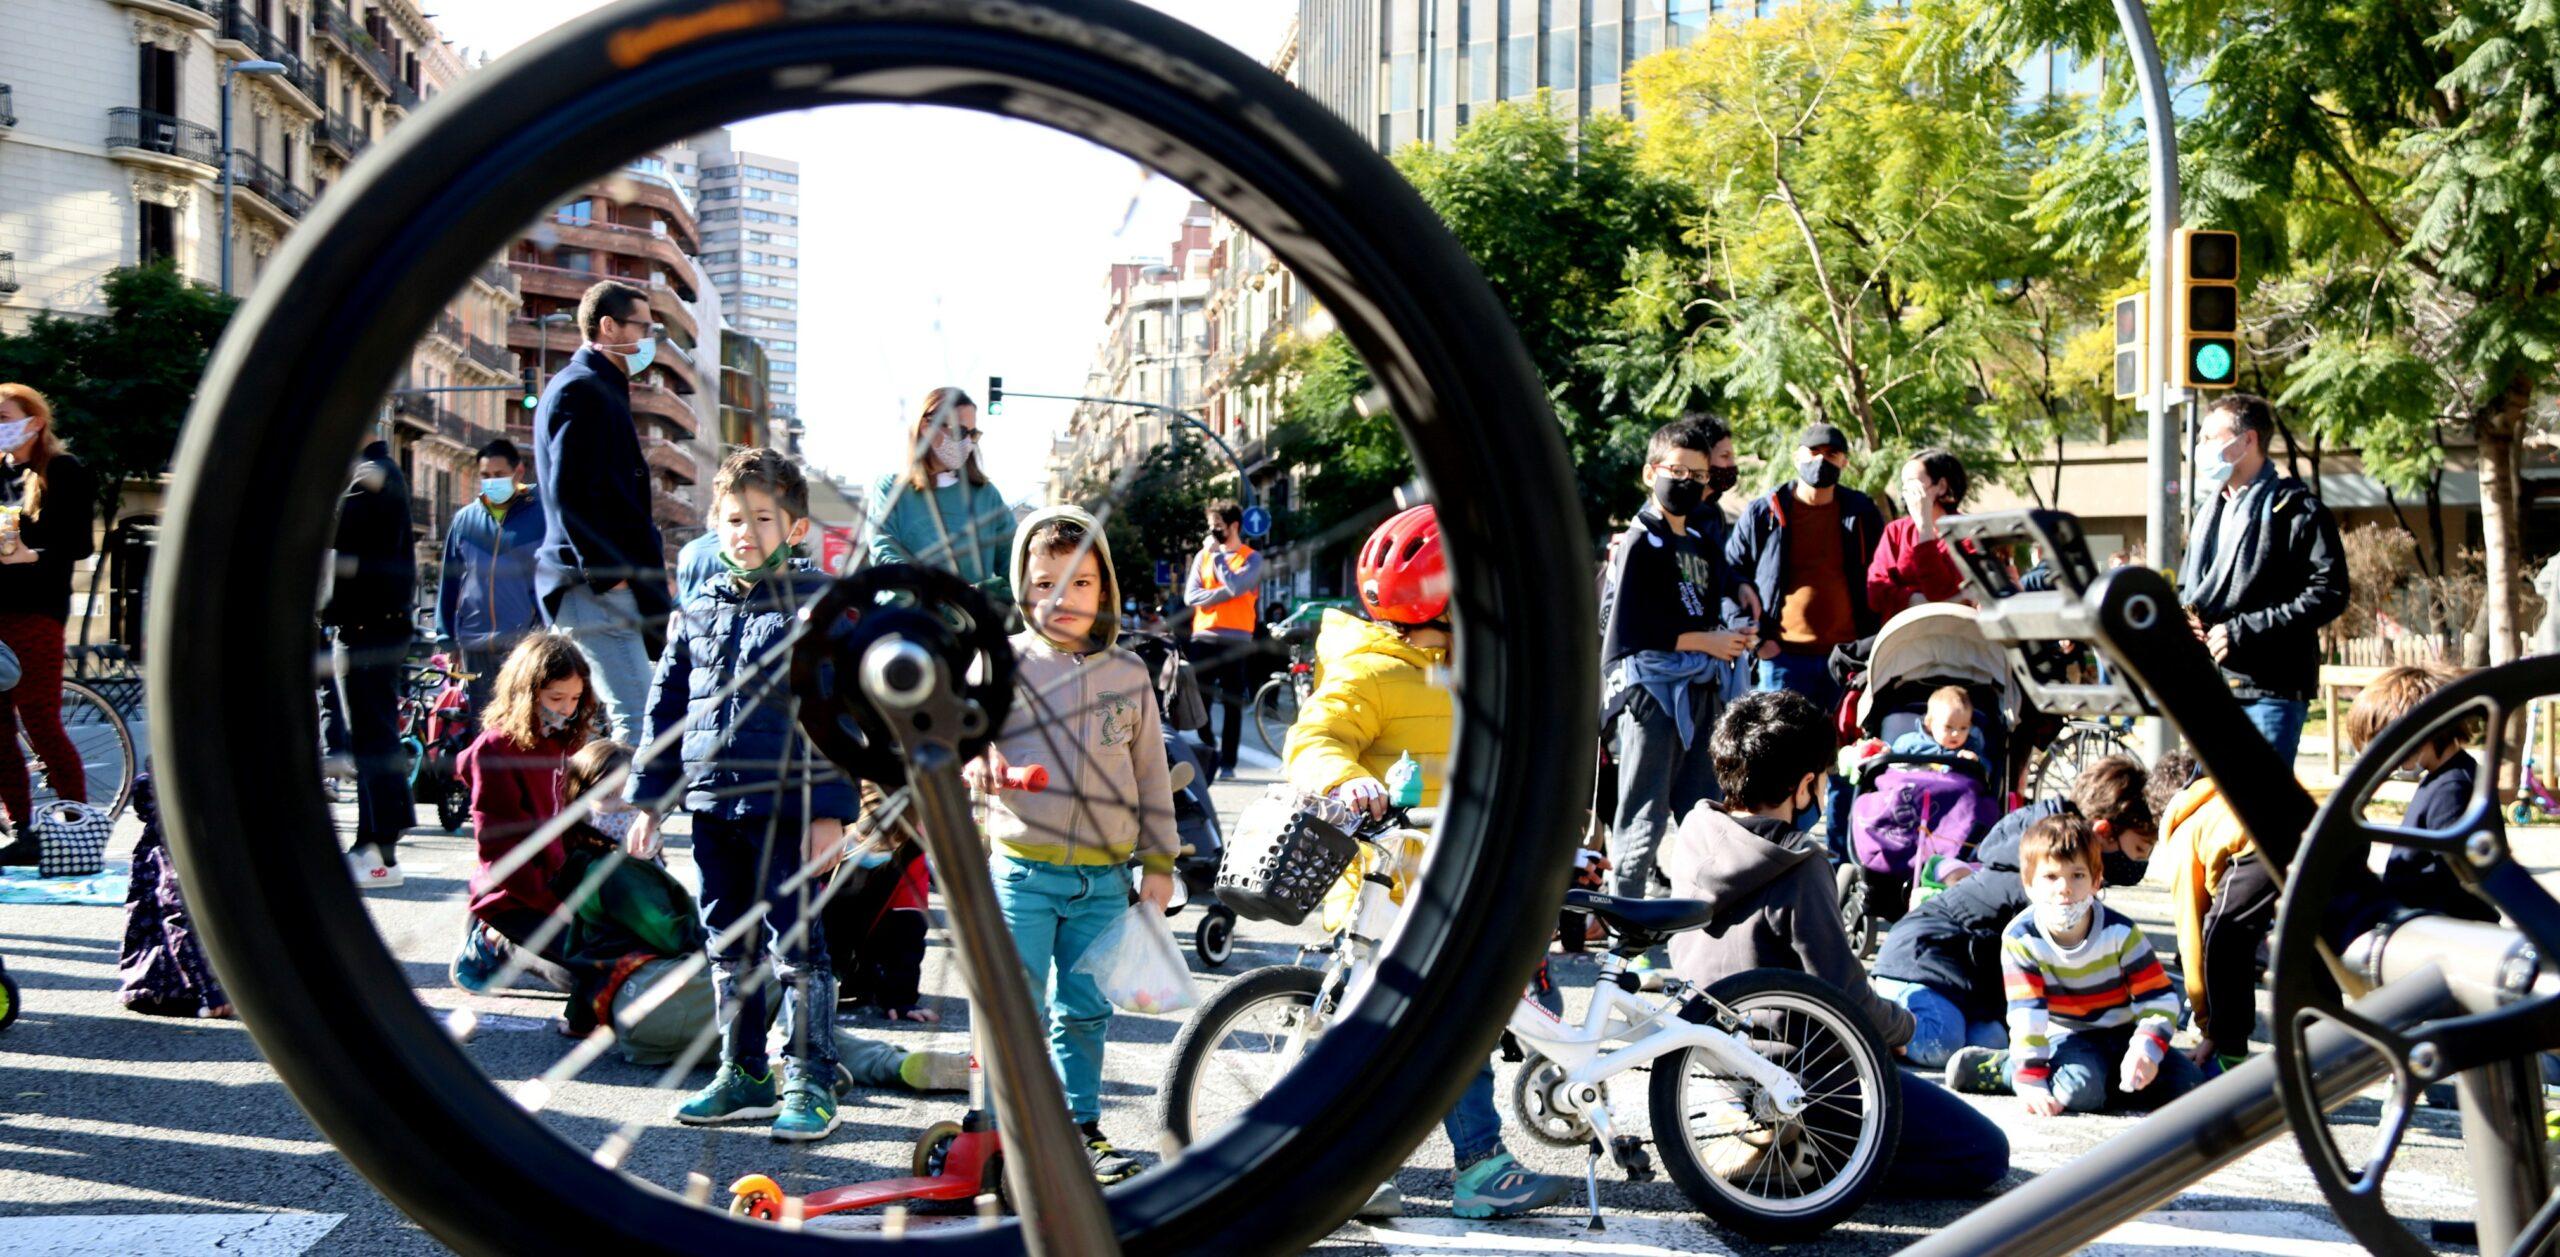 Veïns i entitats tallen el carrer Aragó per reclamar menys contaminació i més espai per passejar / Carola López (ACN)